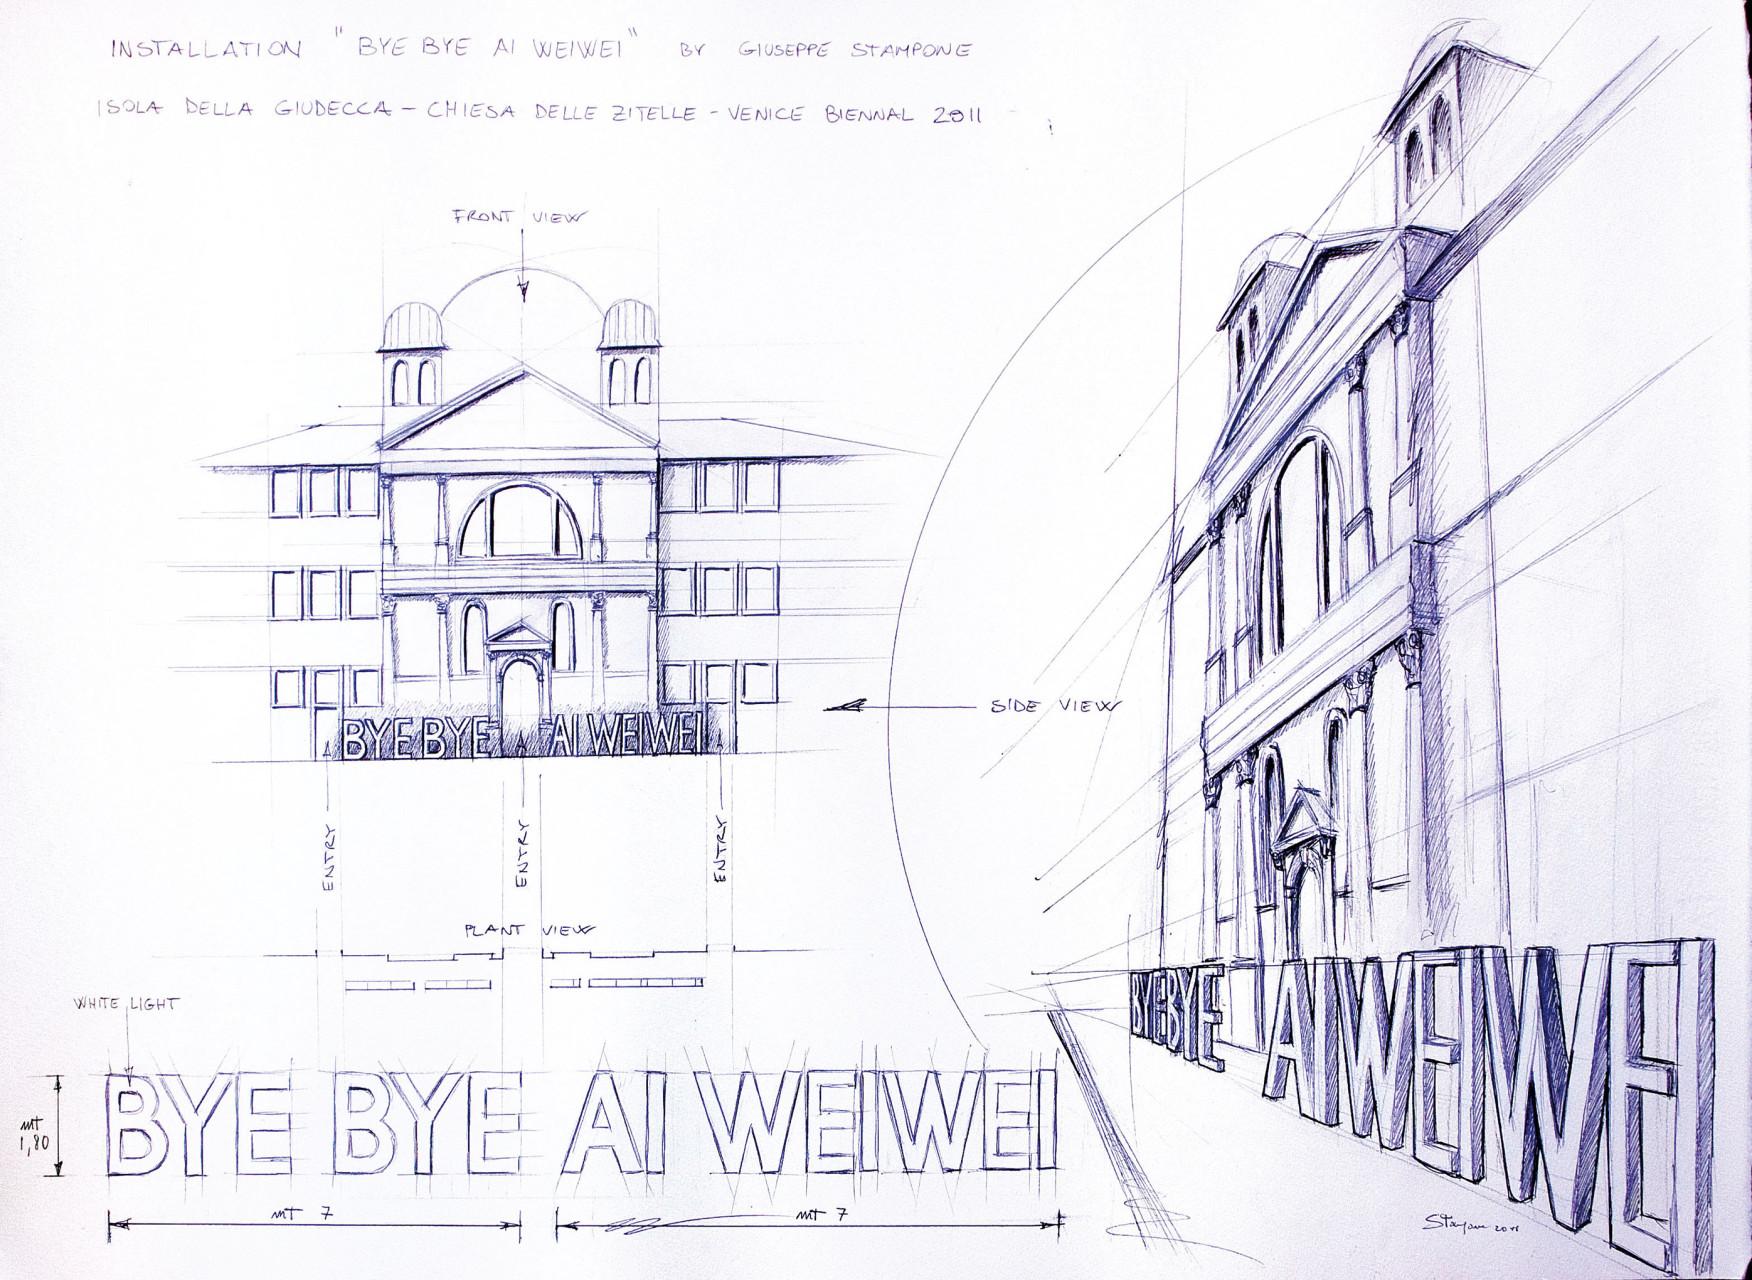 Byebye Ai Weiwei tavola_bassa